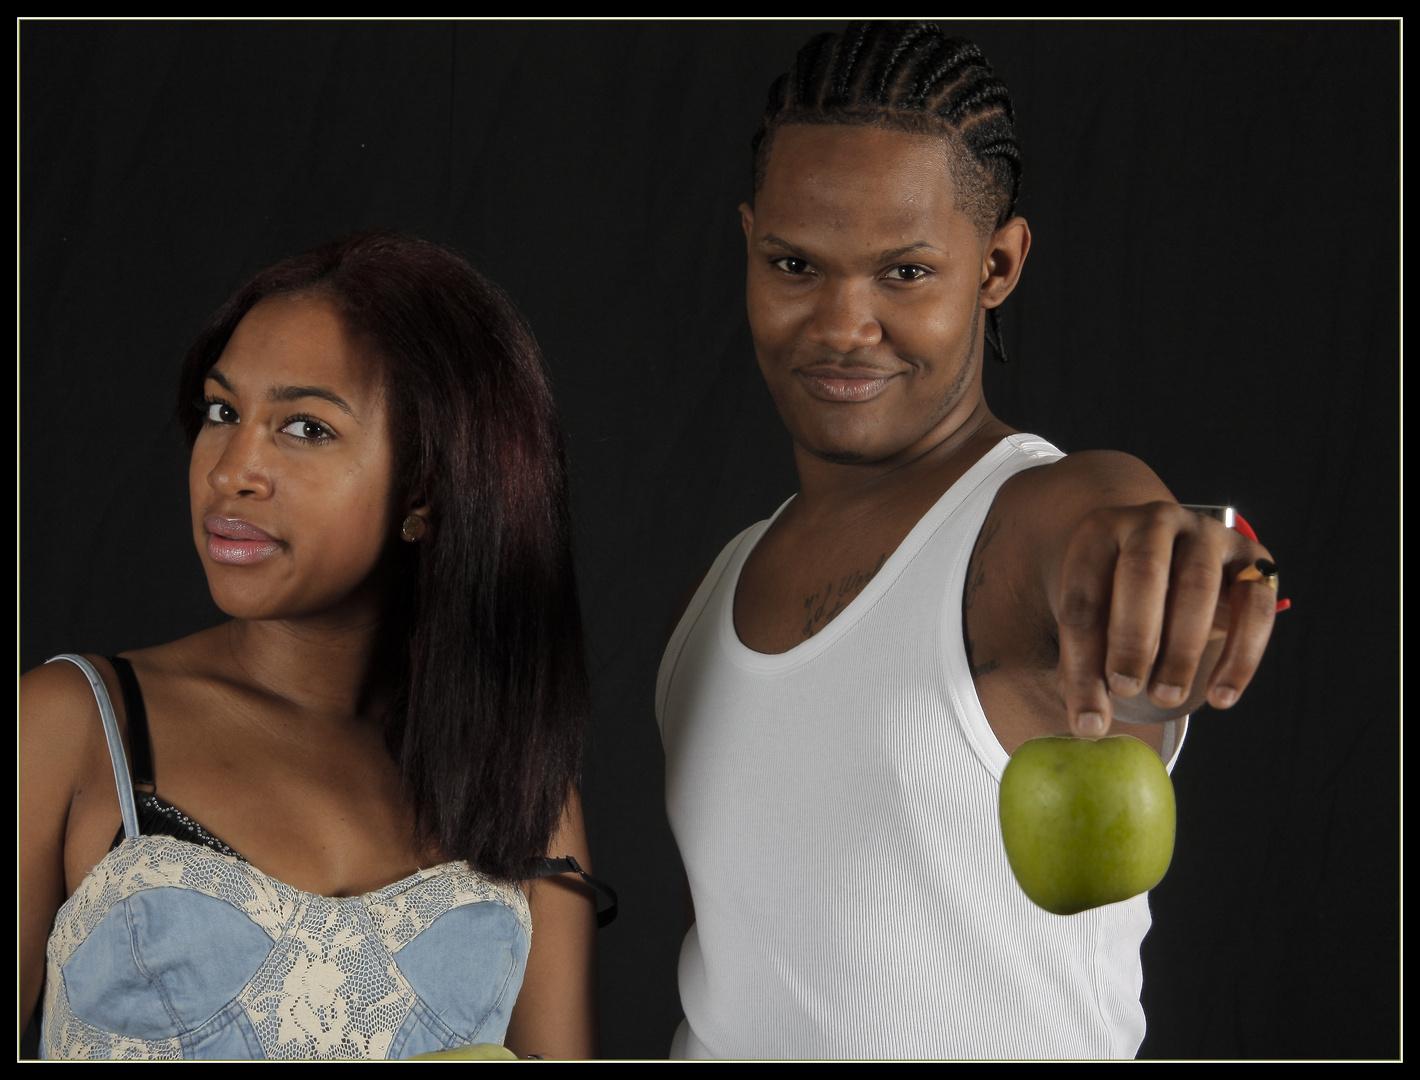 Adán & Eva 1